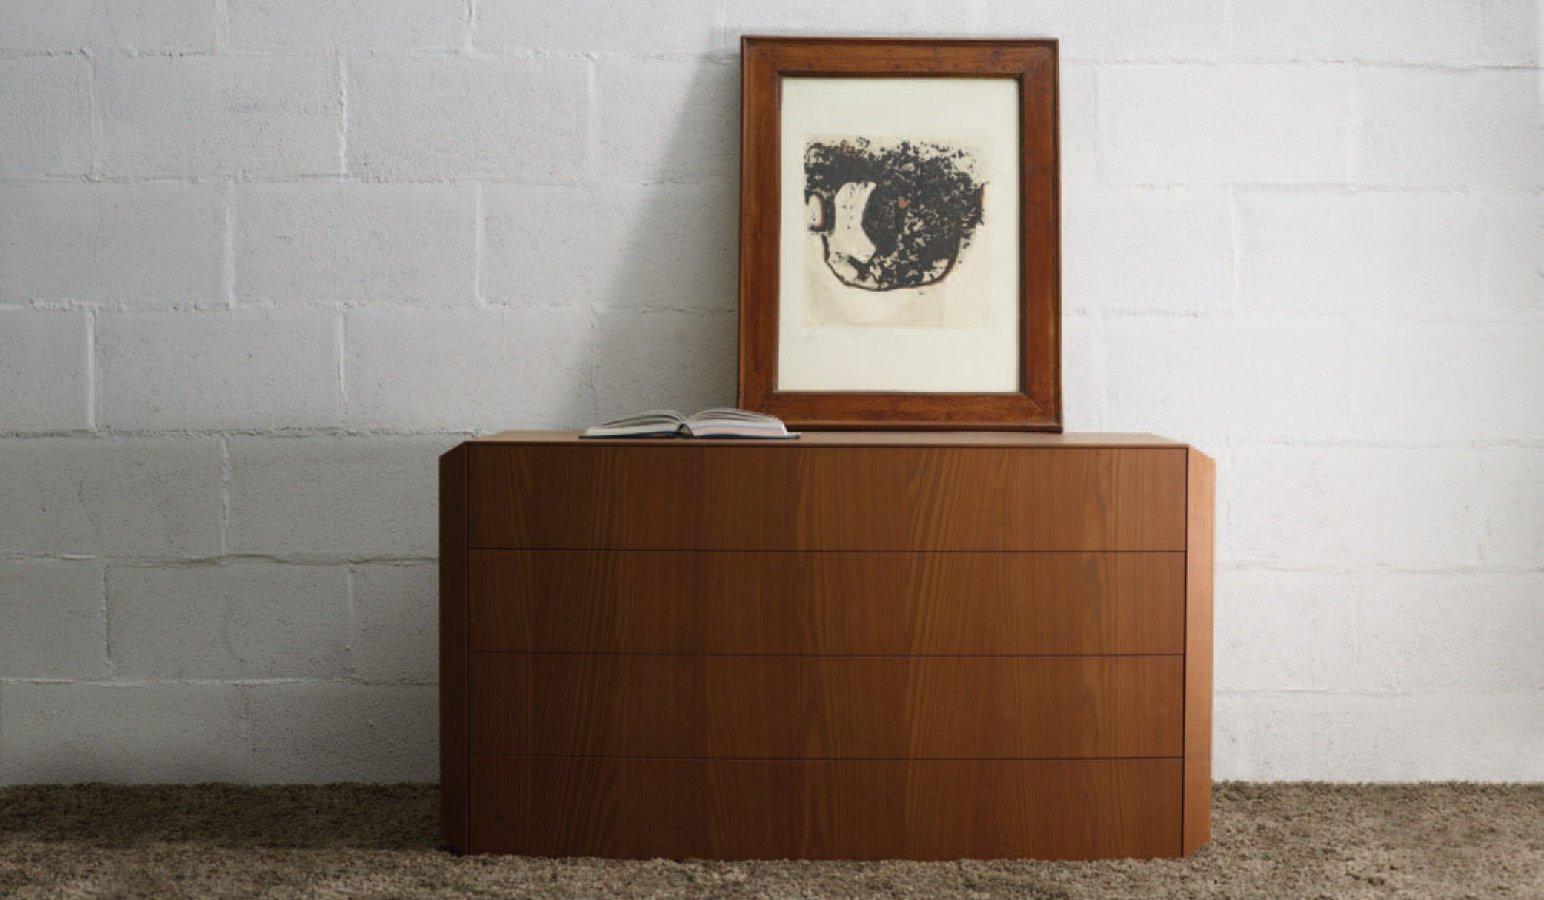 Mercurio frassino tabacco falegnameria 1946 letti armadi e complementi camera da letto - Complementi camera da letto ...